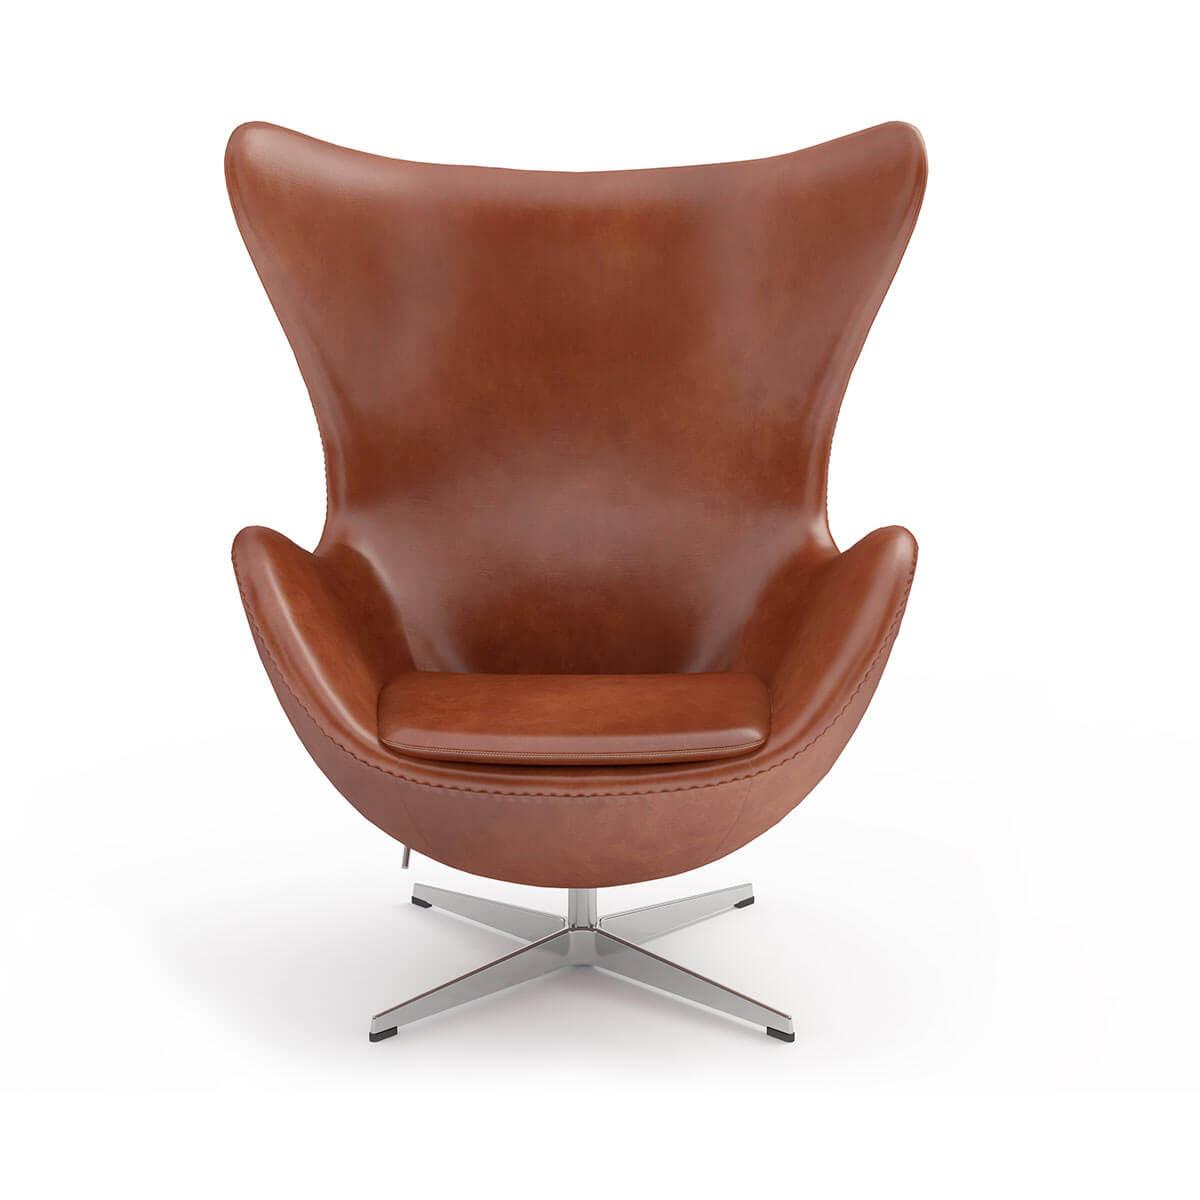 3D model of famous Egg chair, 3d modeling in London UK.